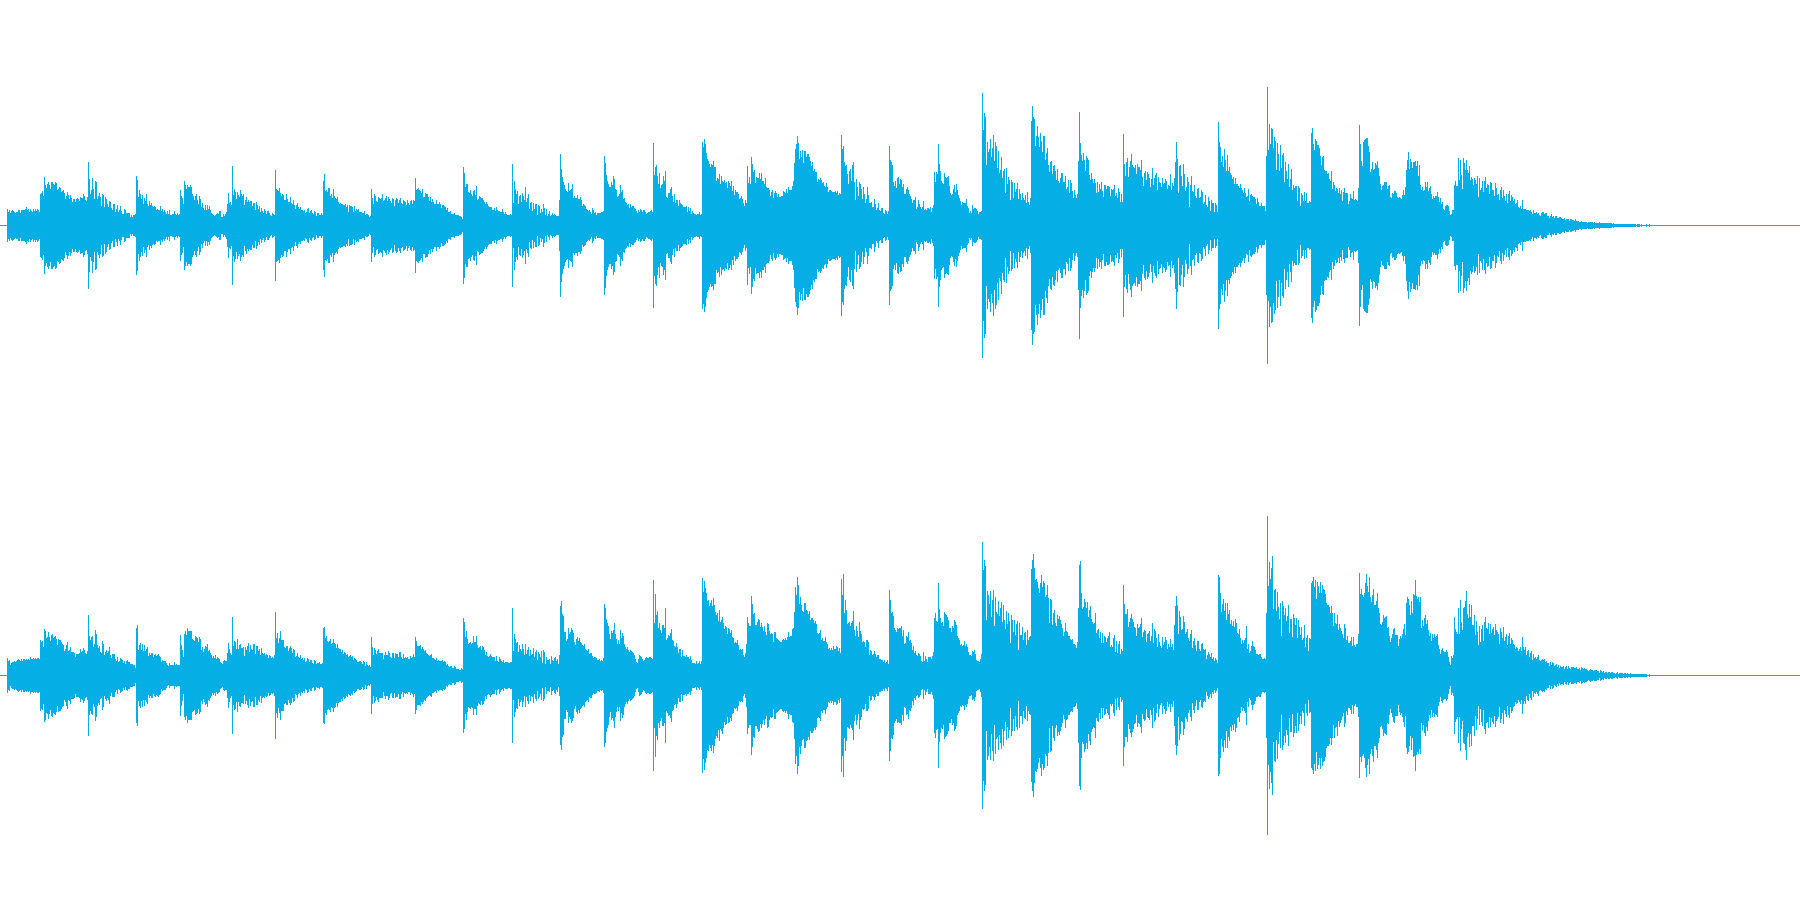 やさしい通知・案内音(低)の再生済みの波形